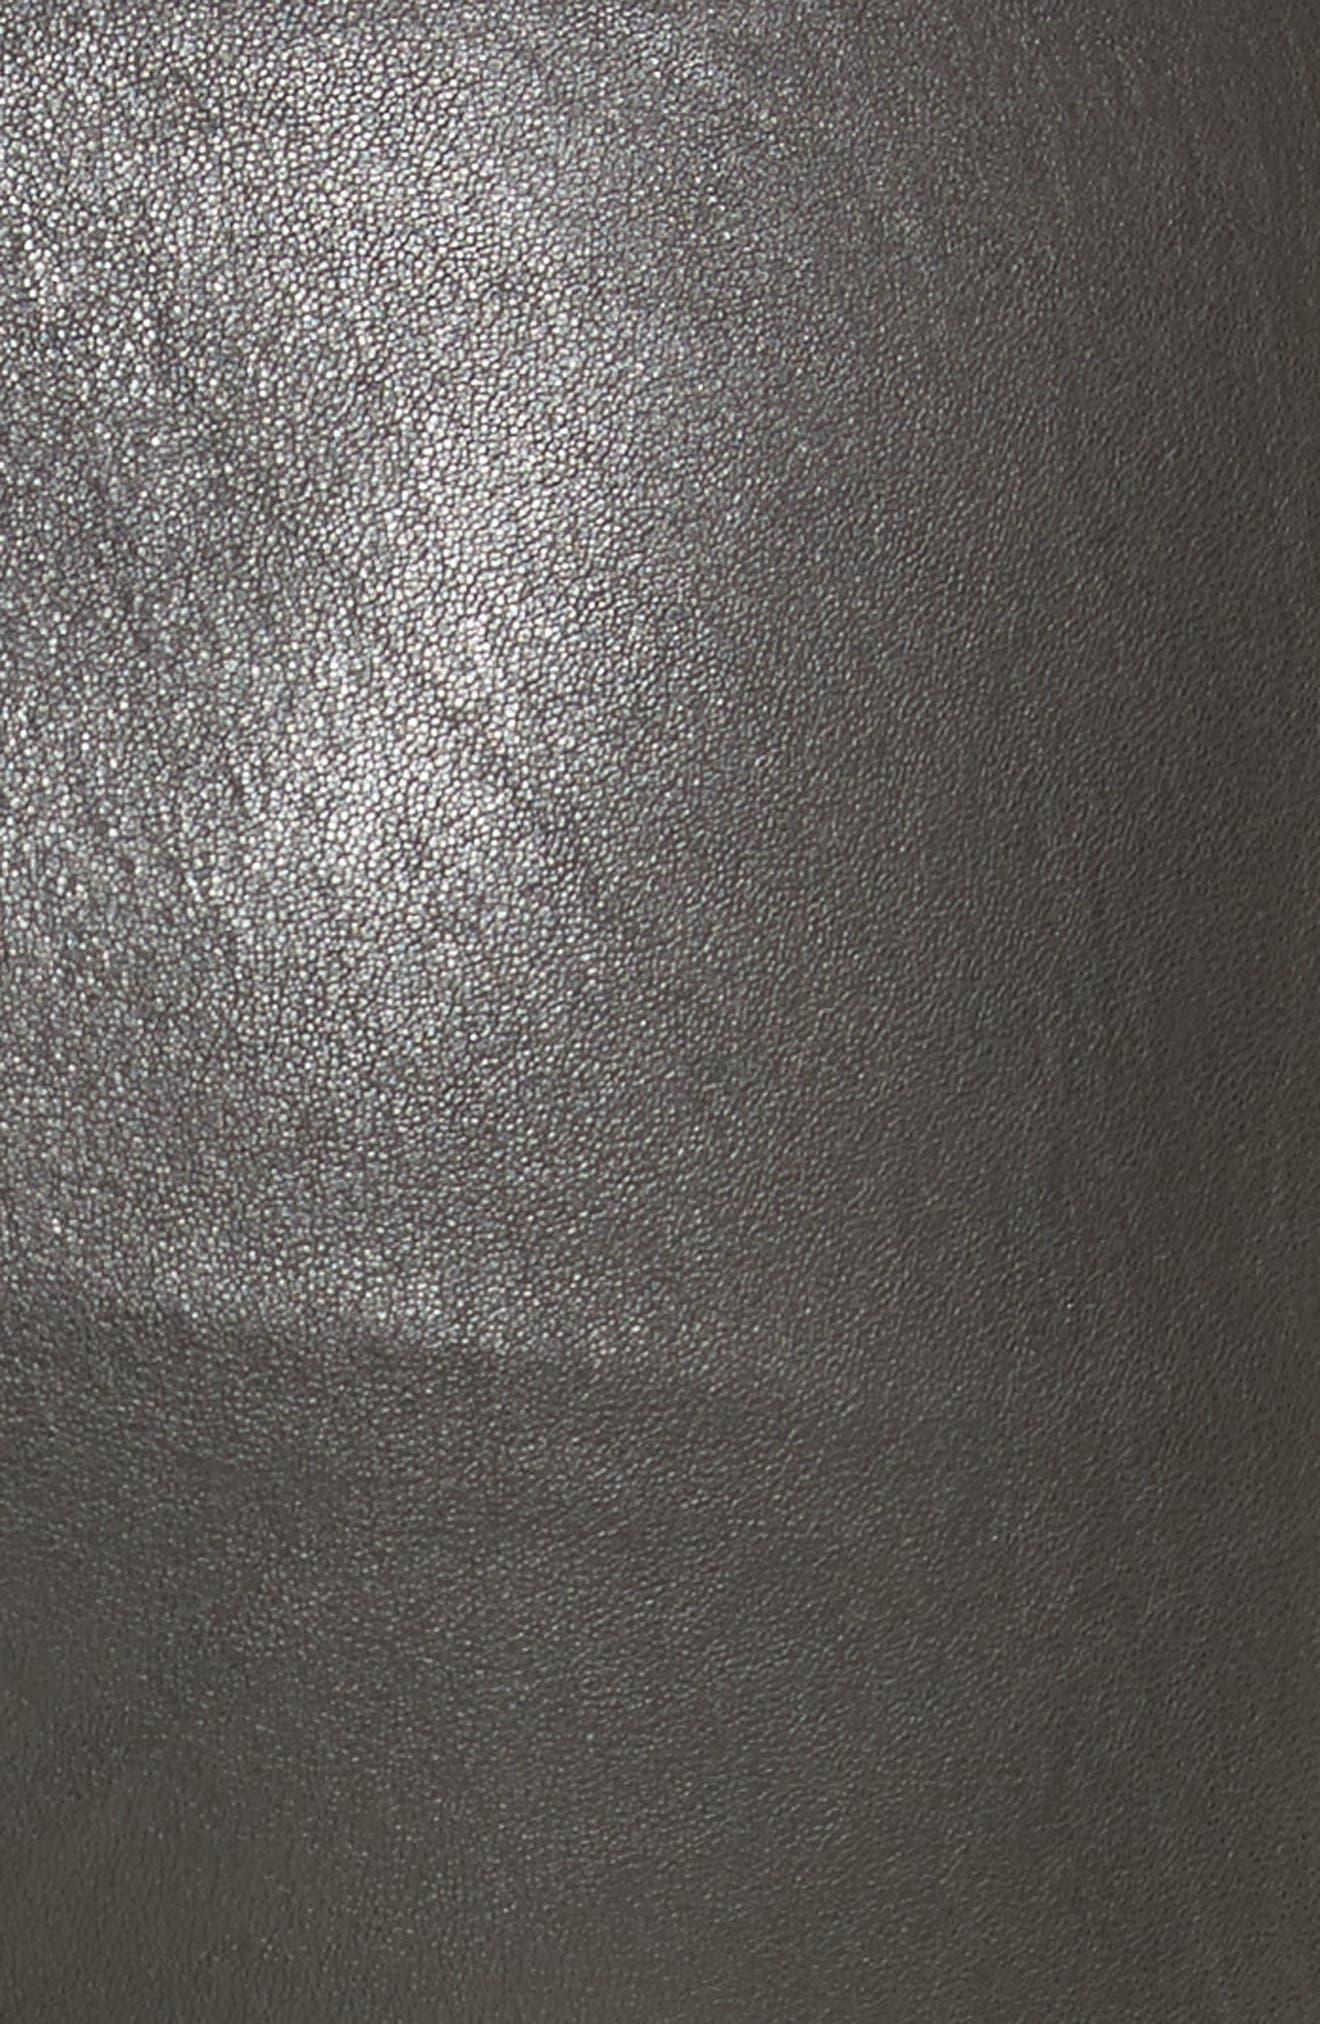 Slit Hem Crop Leather Pants,                             Alternate thumbnail 5, color,                             001